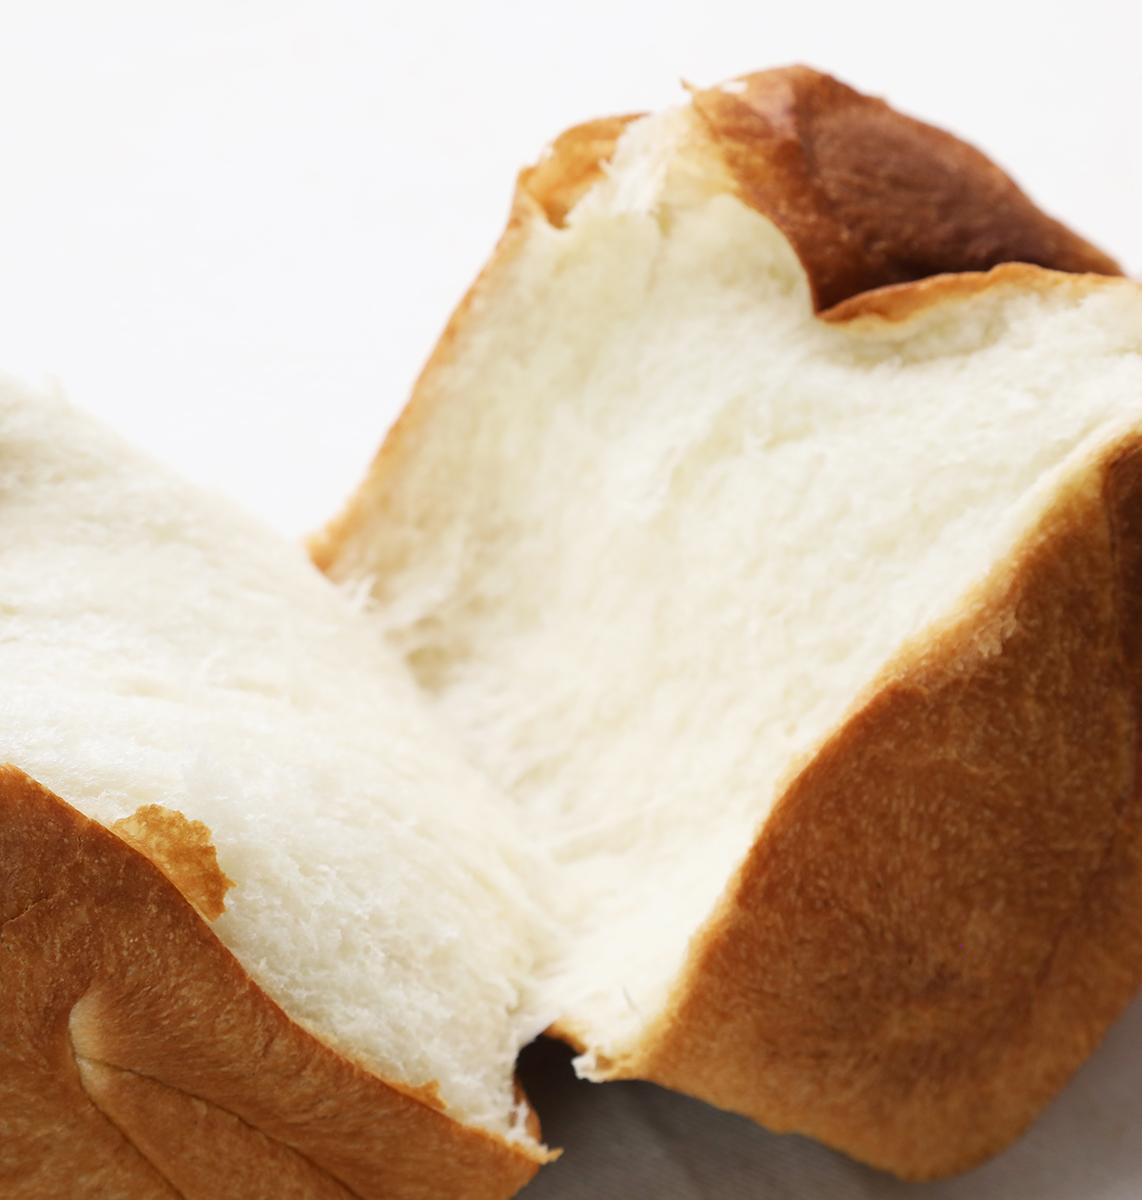 「もっちり、しっとりとした食感」という「京食パン」(画像提供=オールハーツ・カンパニー)